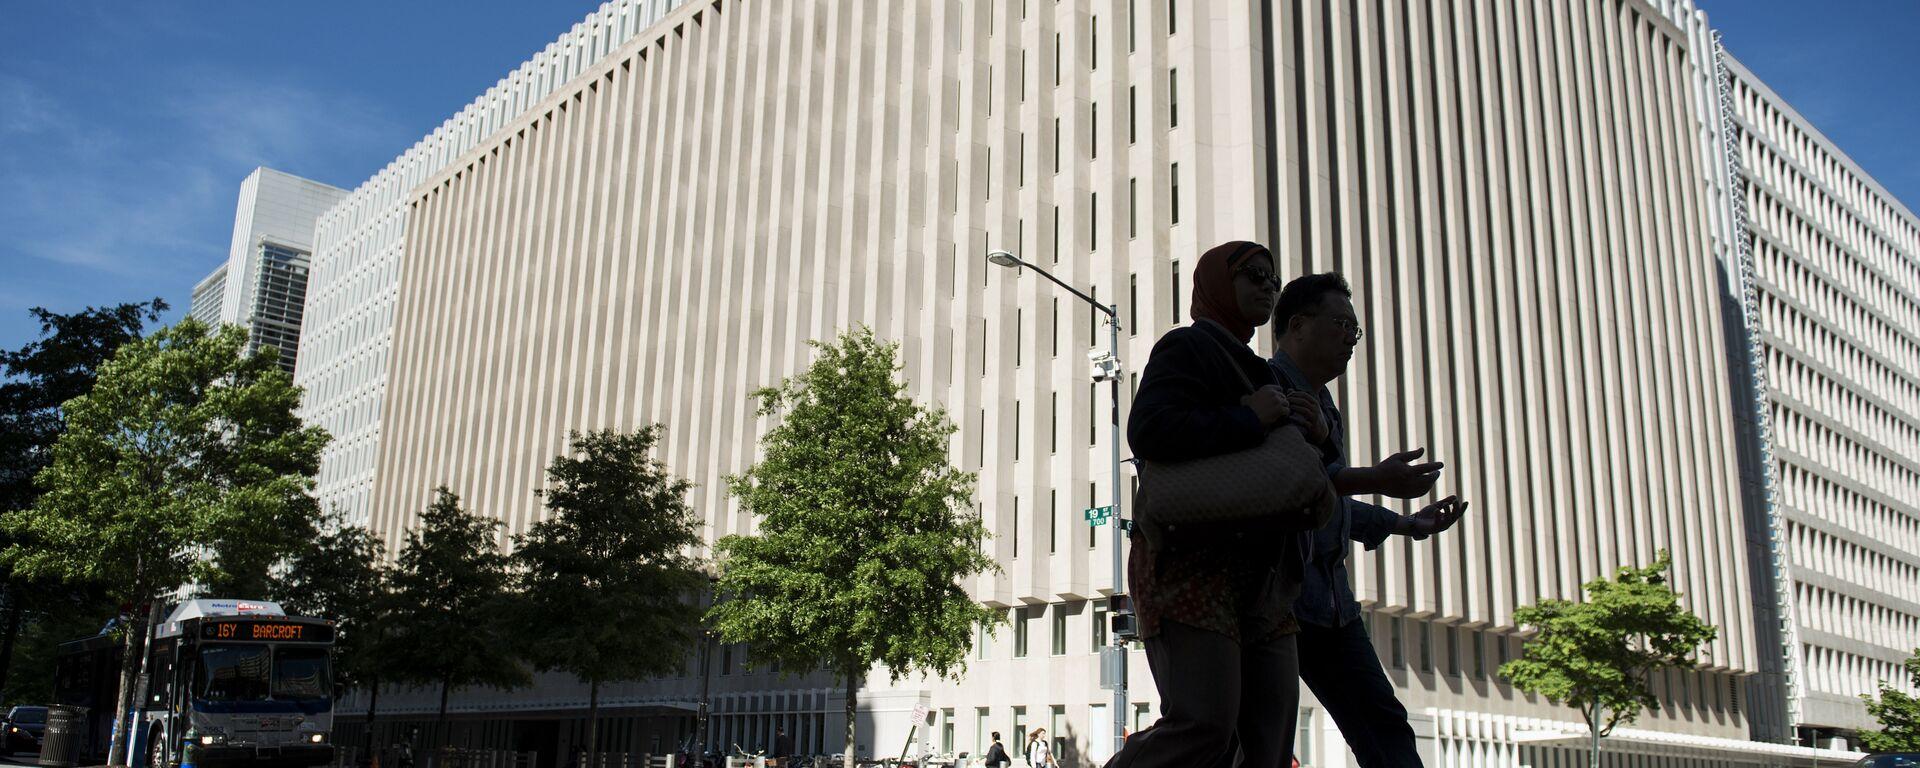 Штаб-квартира Всемирного банка в Вашингтоне - Sputnik Узбекистан, 1920, 29.09.2021